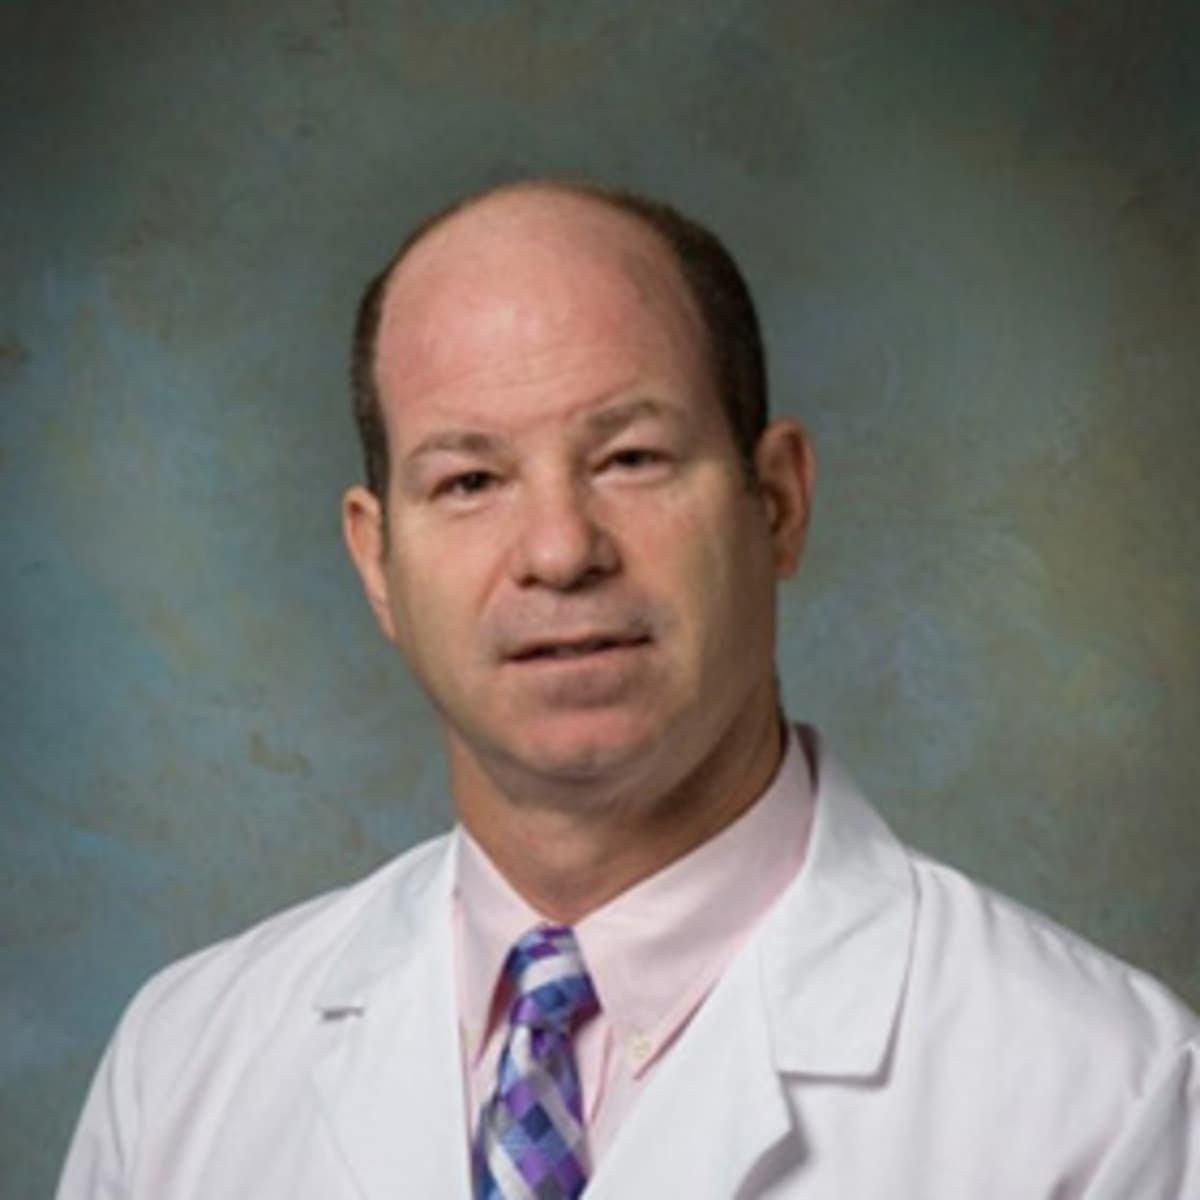 Insurance | Dr. William Simon, DPM | Virginia Beach, VA ...